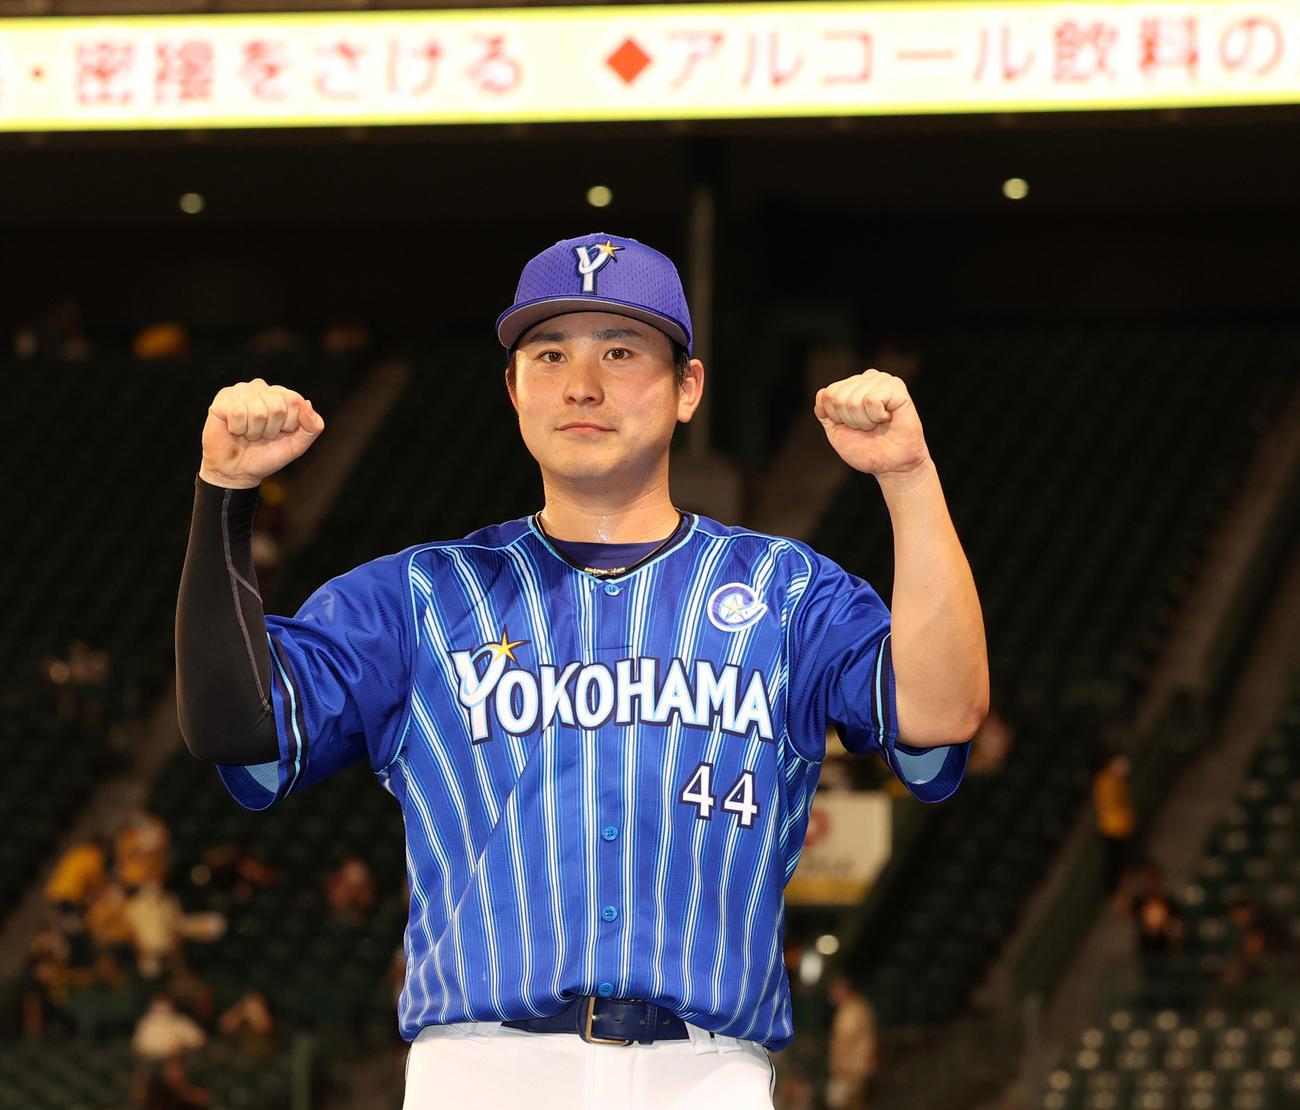 本塁打をふくむ4安打2打点の活躍をみせた佐野恵太はガッツポーズ(撮影・清水貴仁)